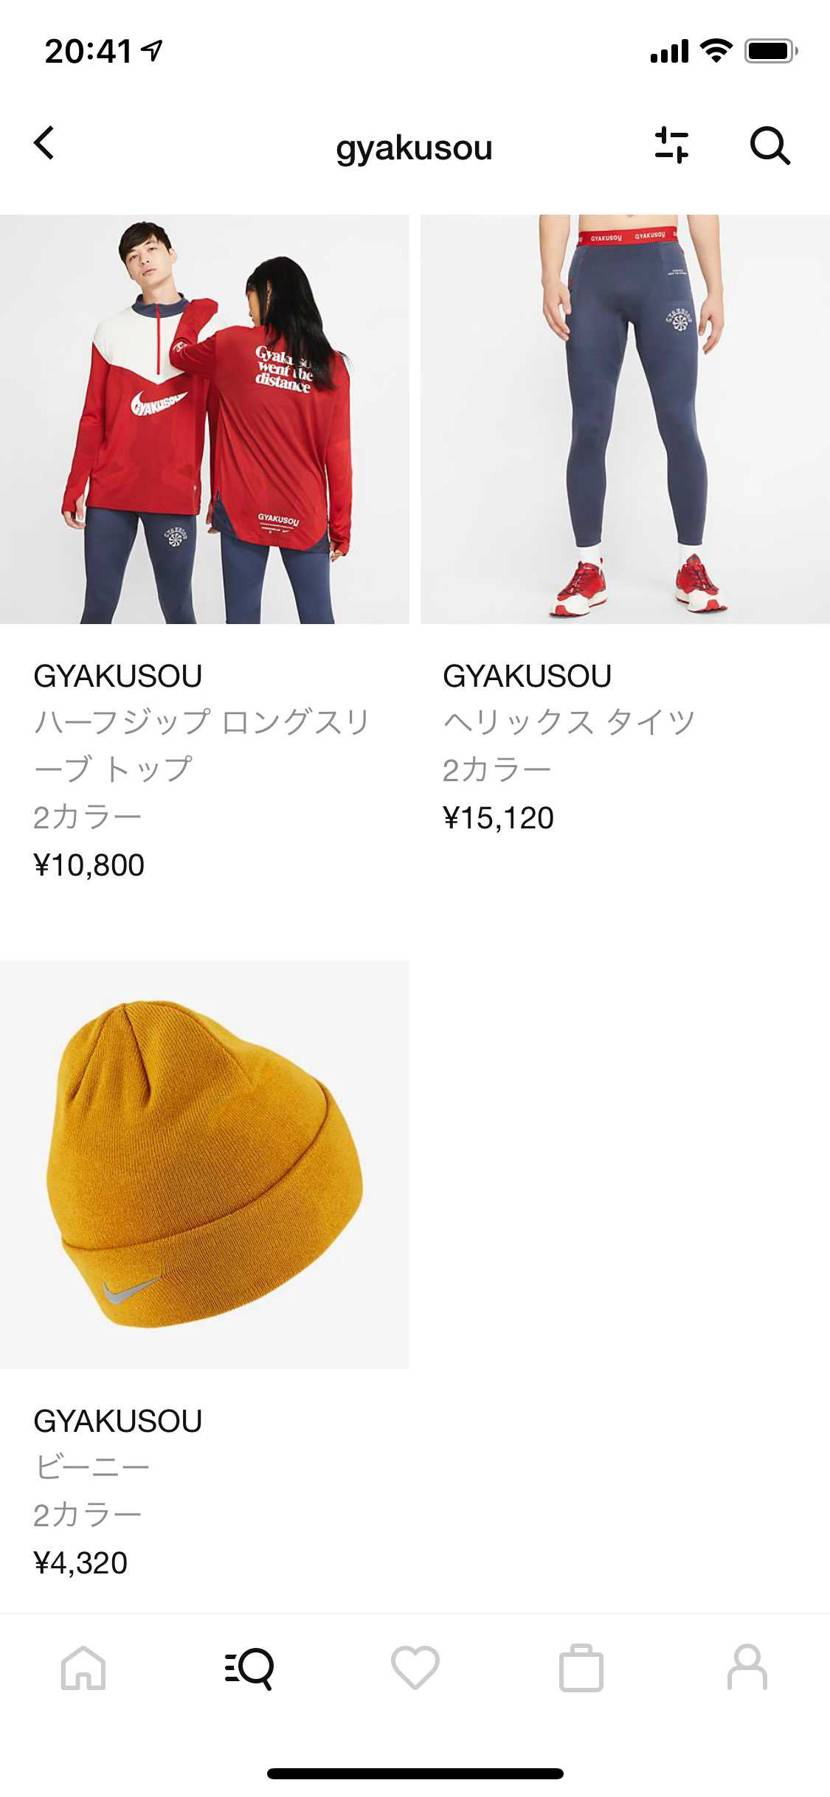 GYAKUSOUのアパレル、NIKEアプリで見れます。